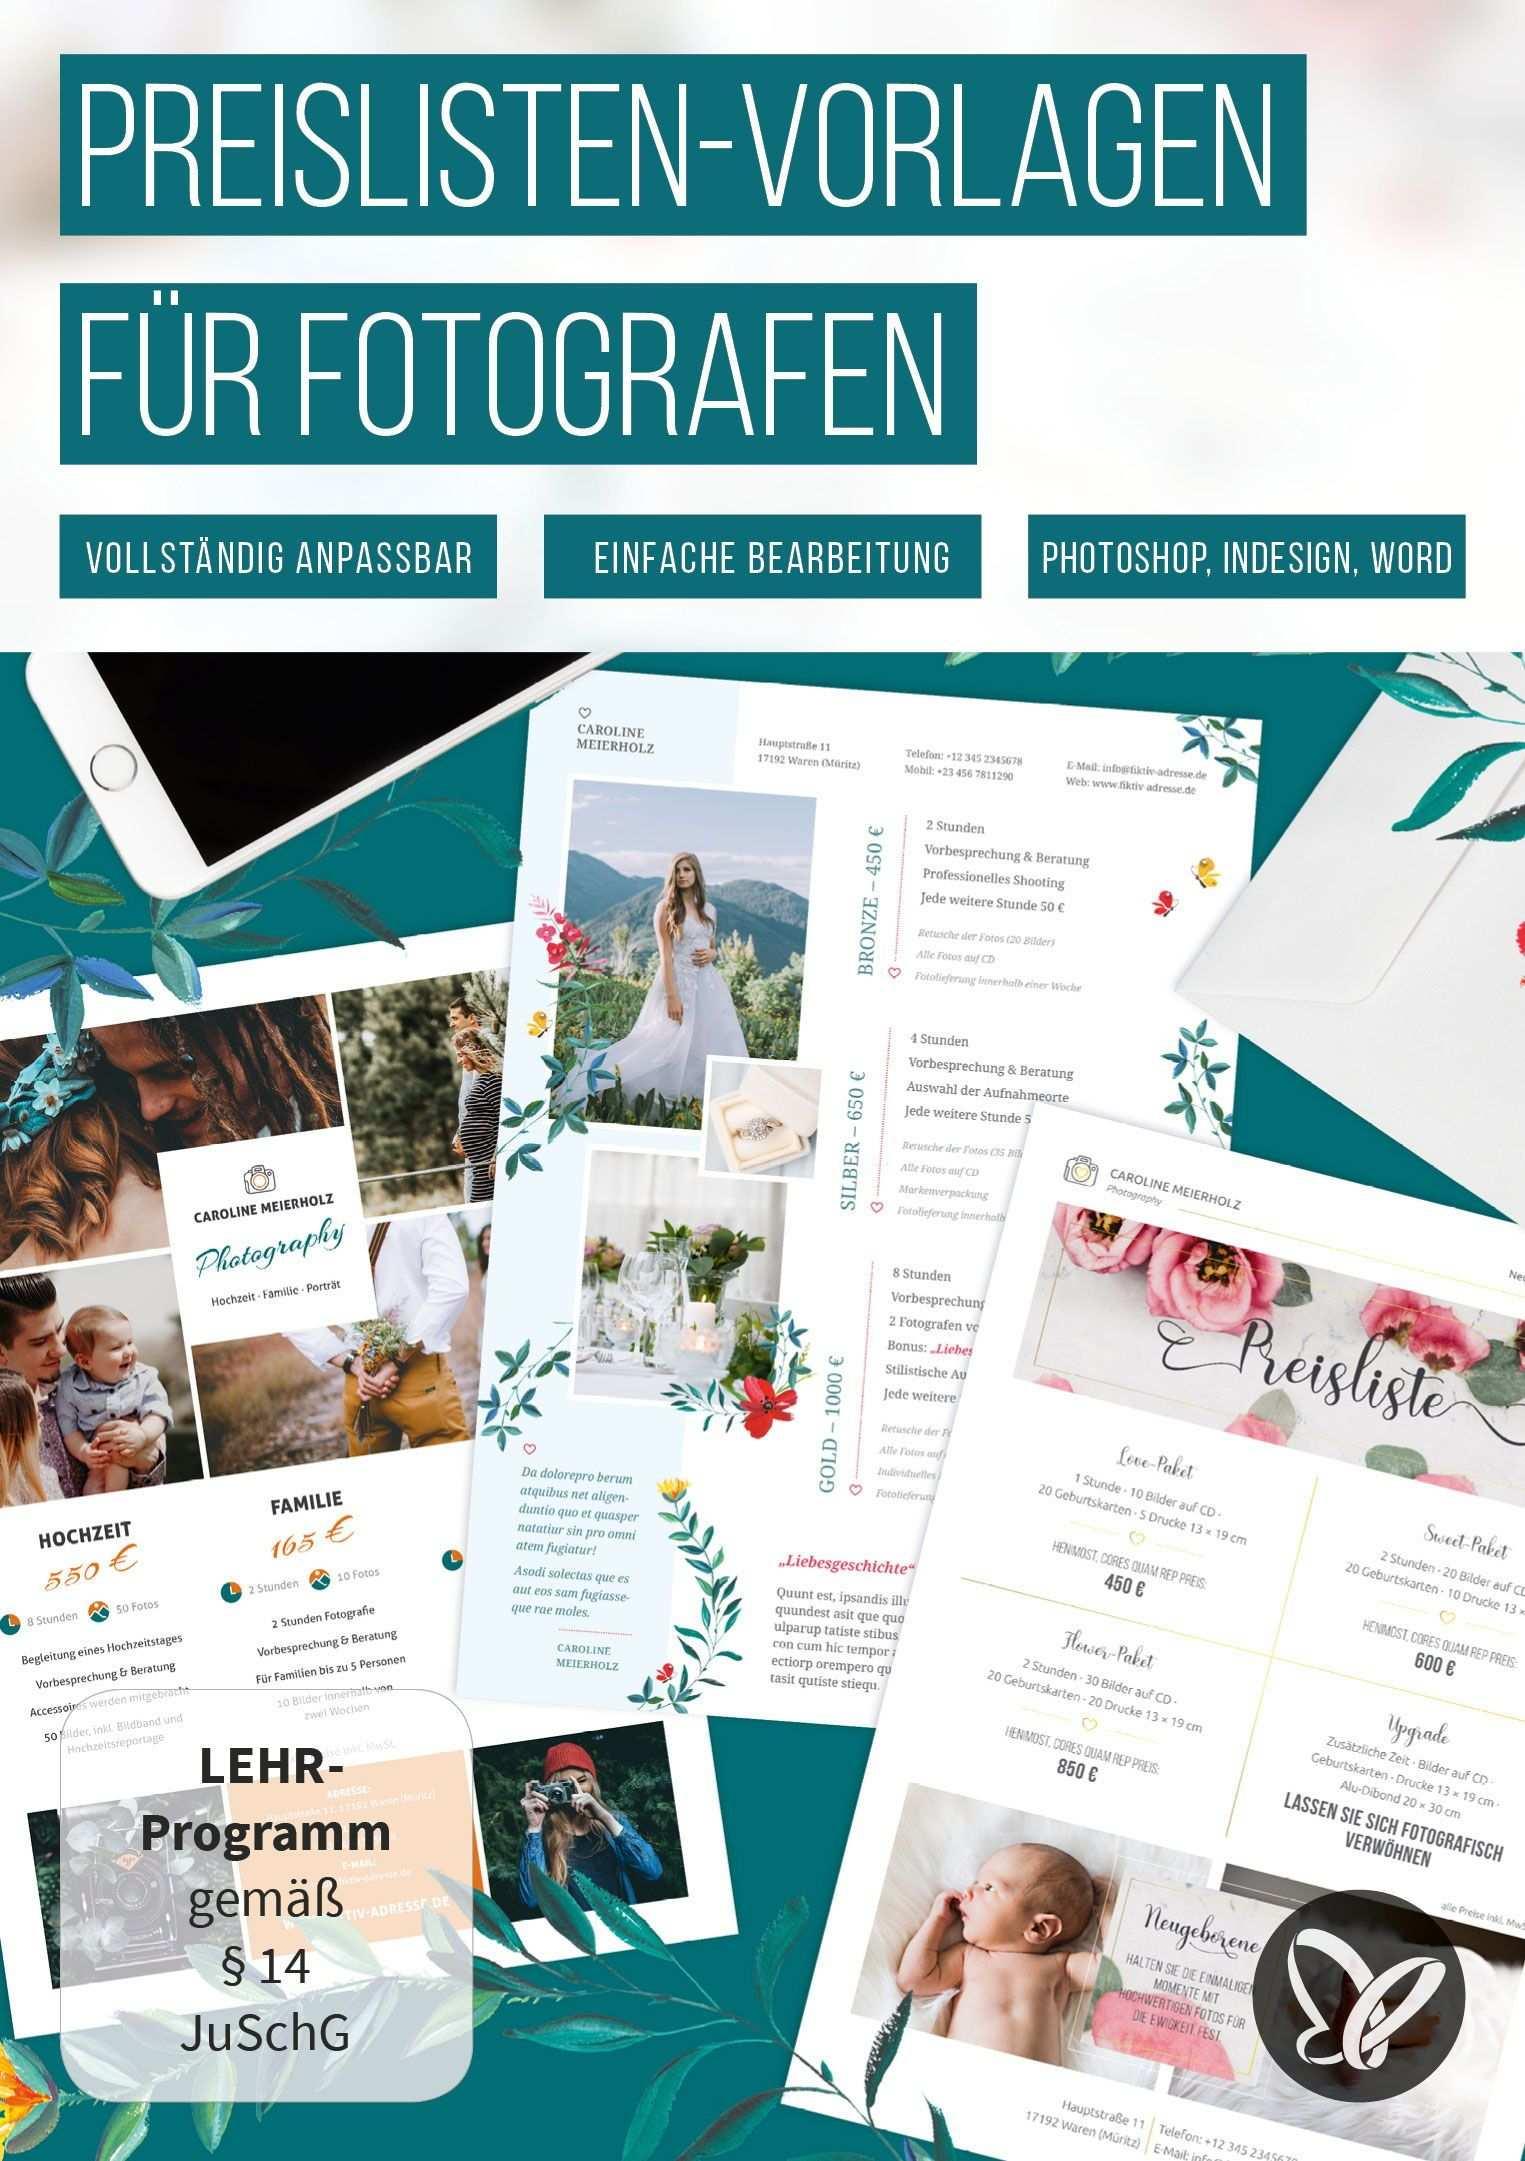 Preislisten Vorlagen Fur Fotografen Photoshop Indesign Word